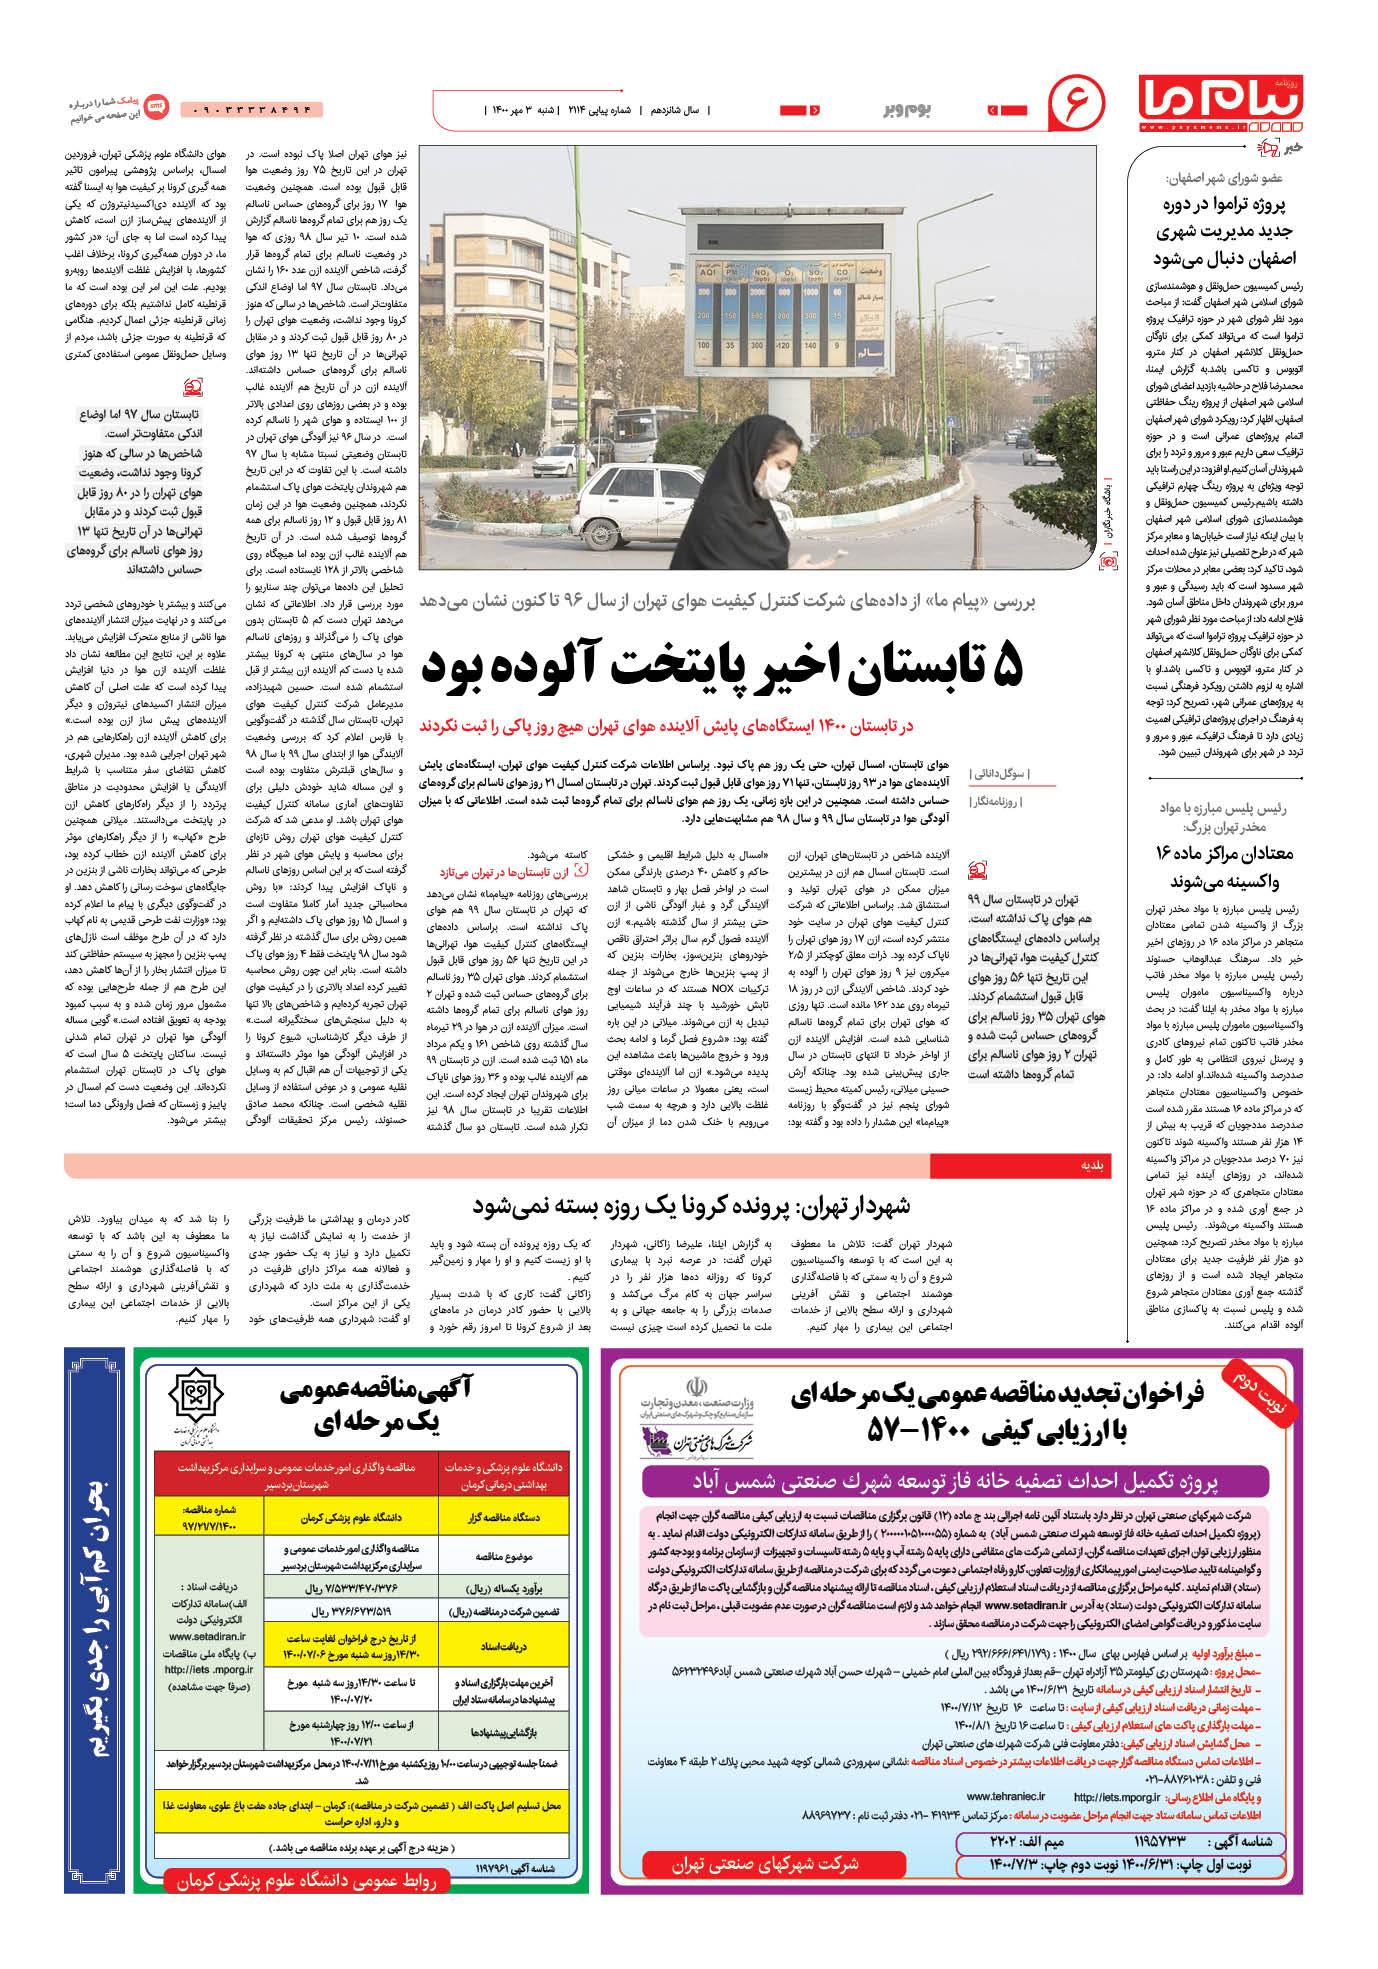 صفحه بوم و بر شماره 2114 روزنامه پیام ما